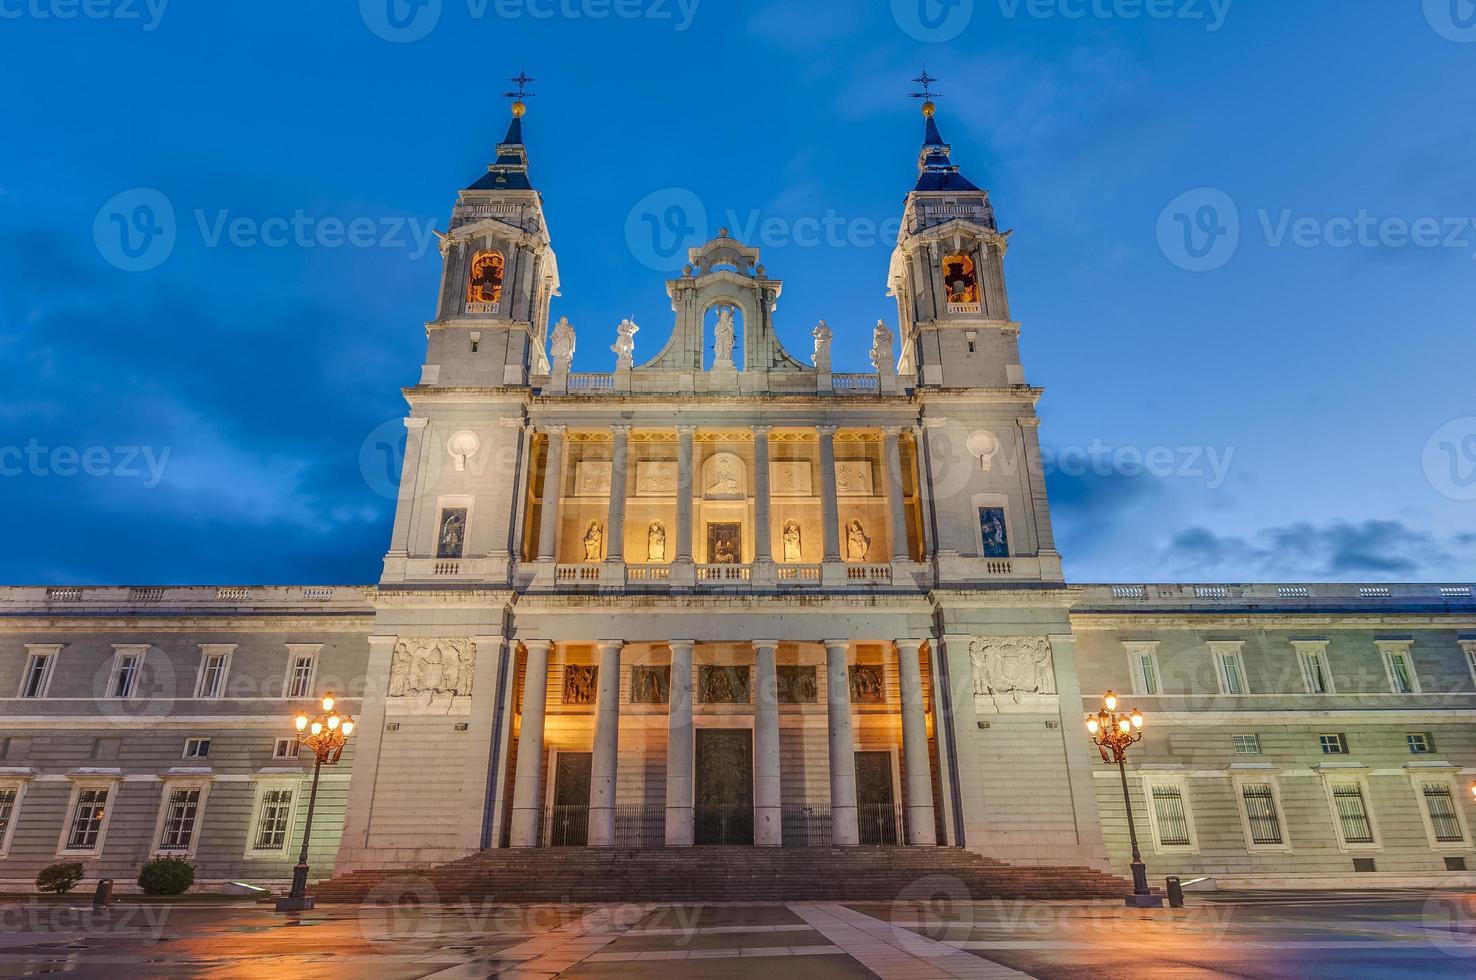 Catedral de Almudena em Madrid, Espanha. foto